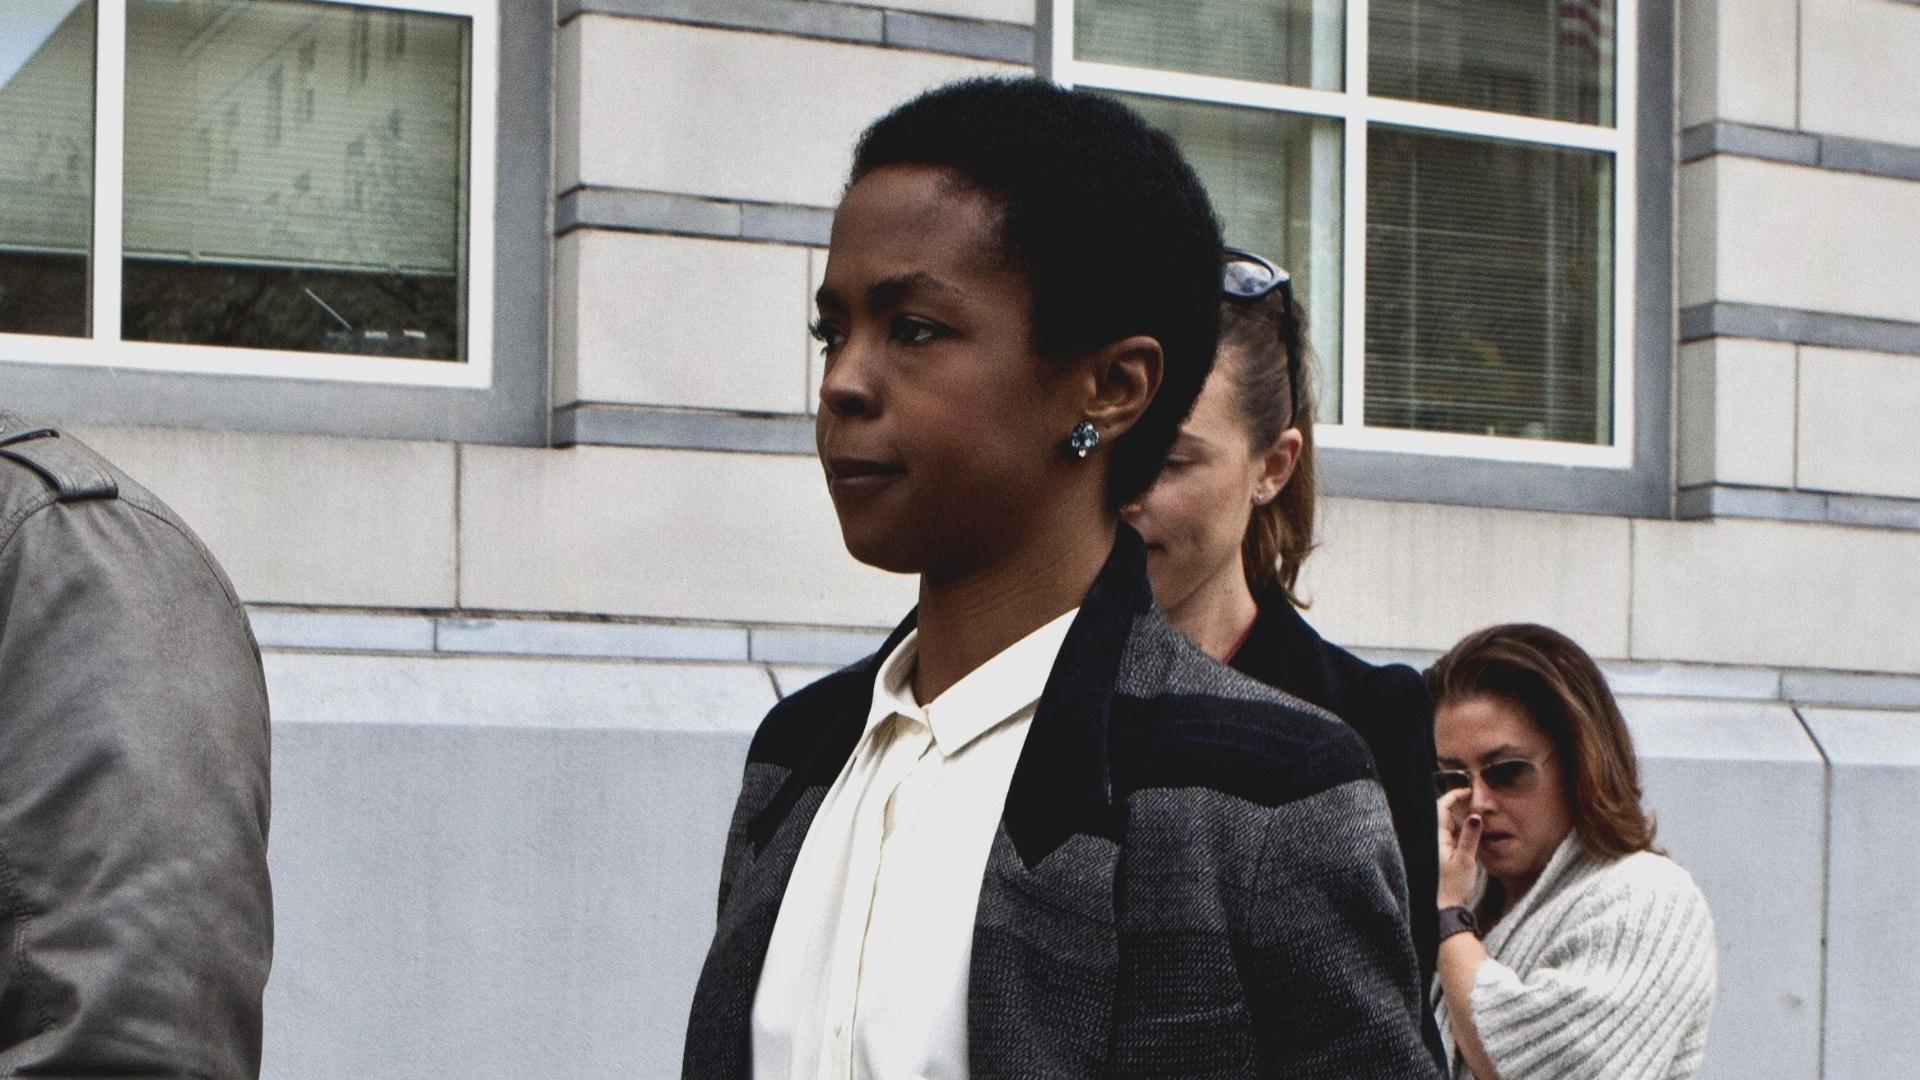 22.abr.2013 - Cantora Lauryn Hill deixa a corte após ter sentença em caso de songeção adiada